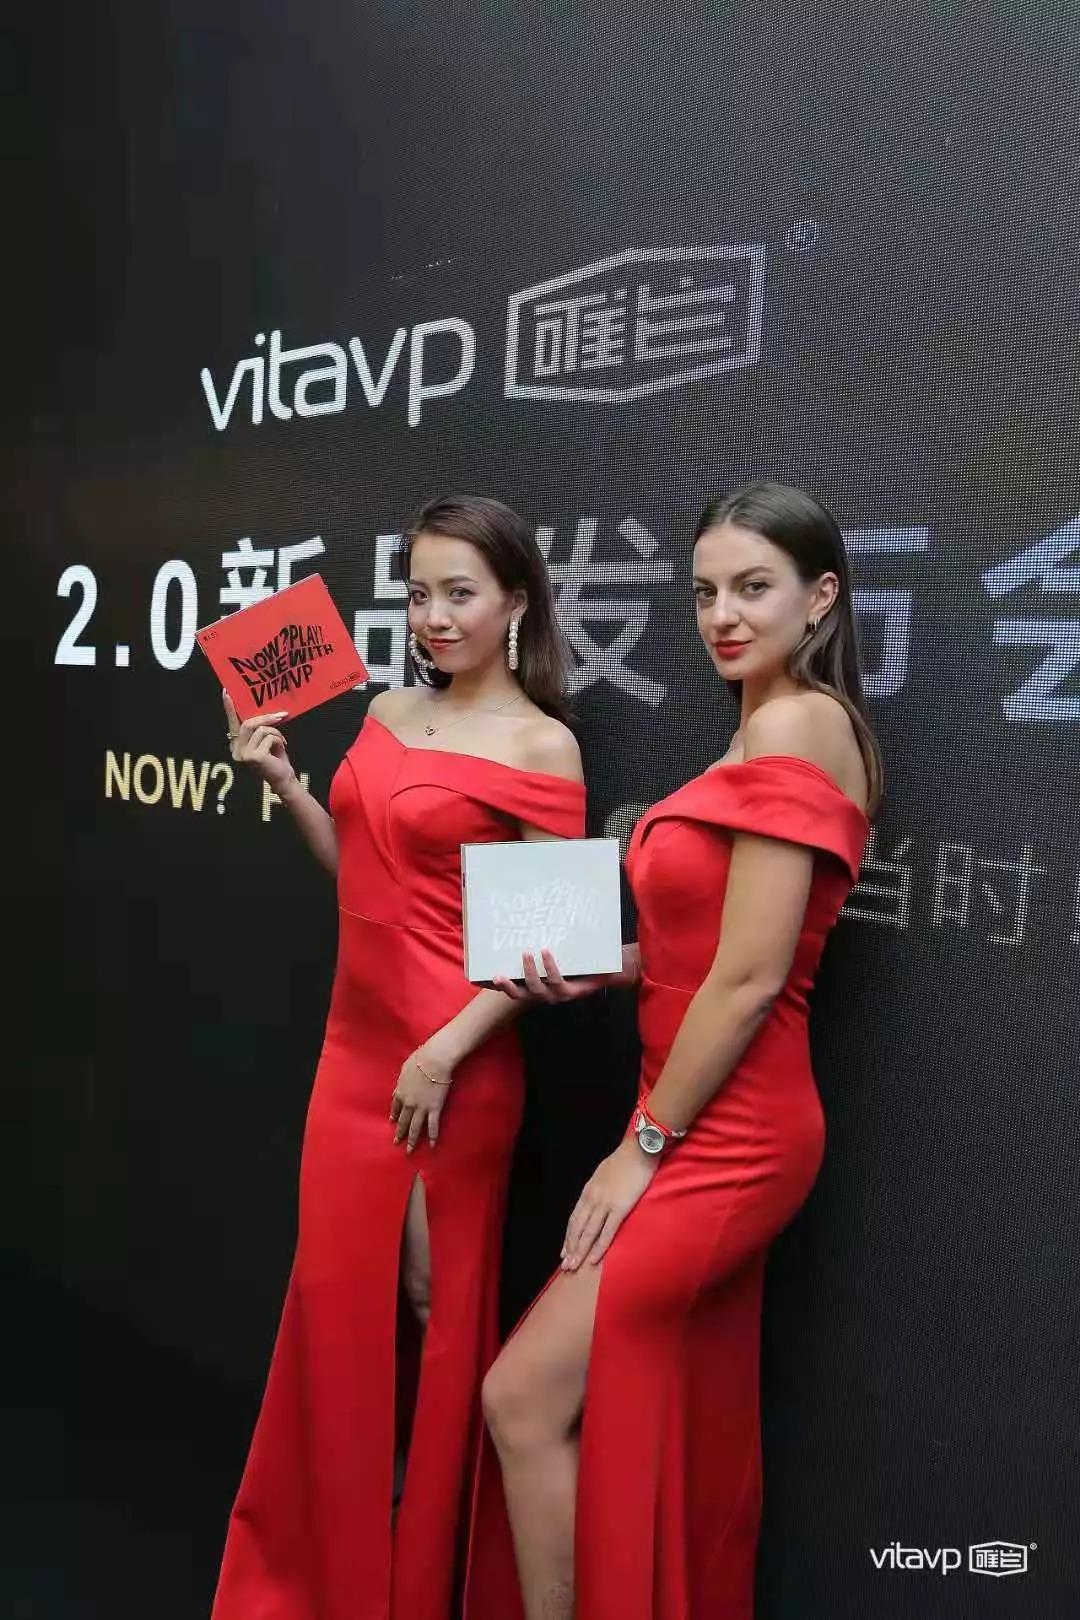 vitavp 2.0